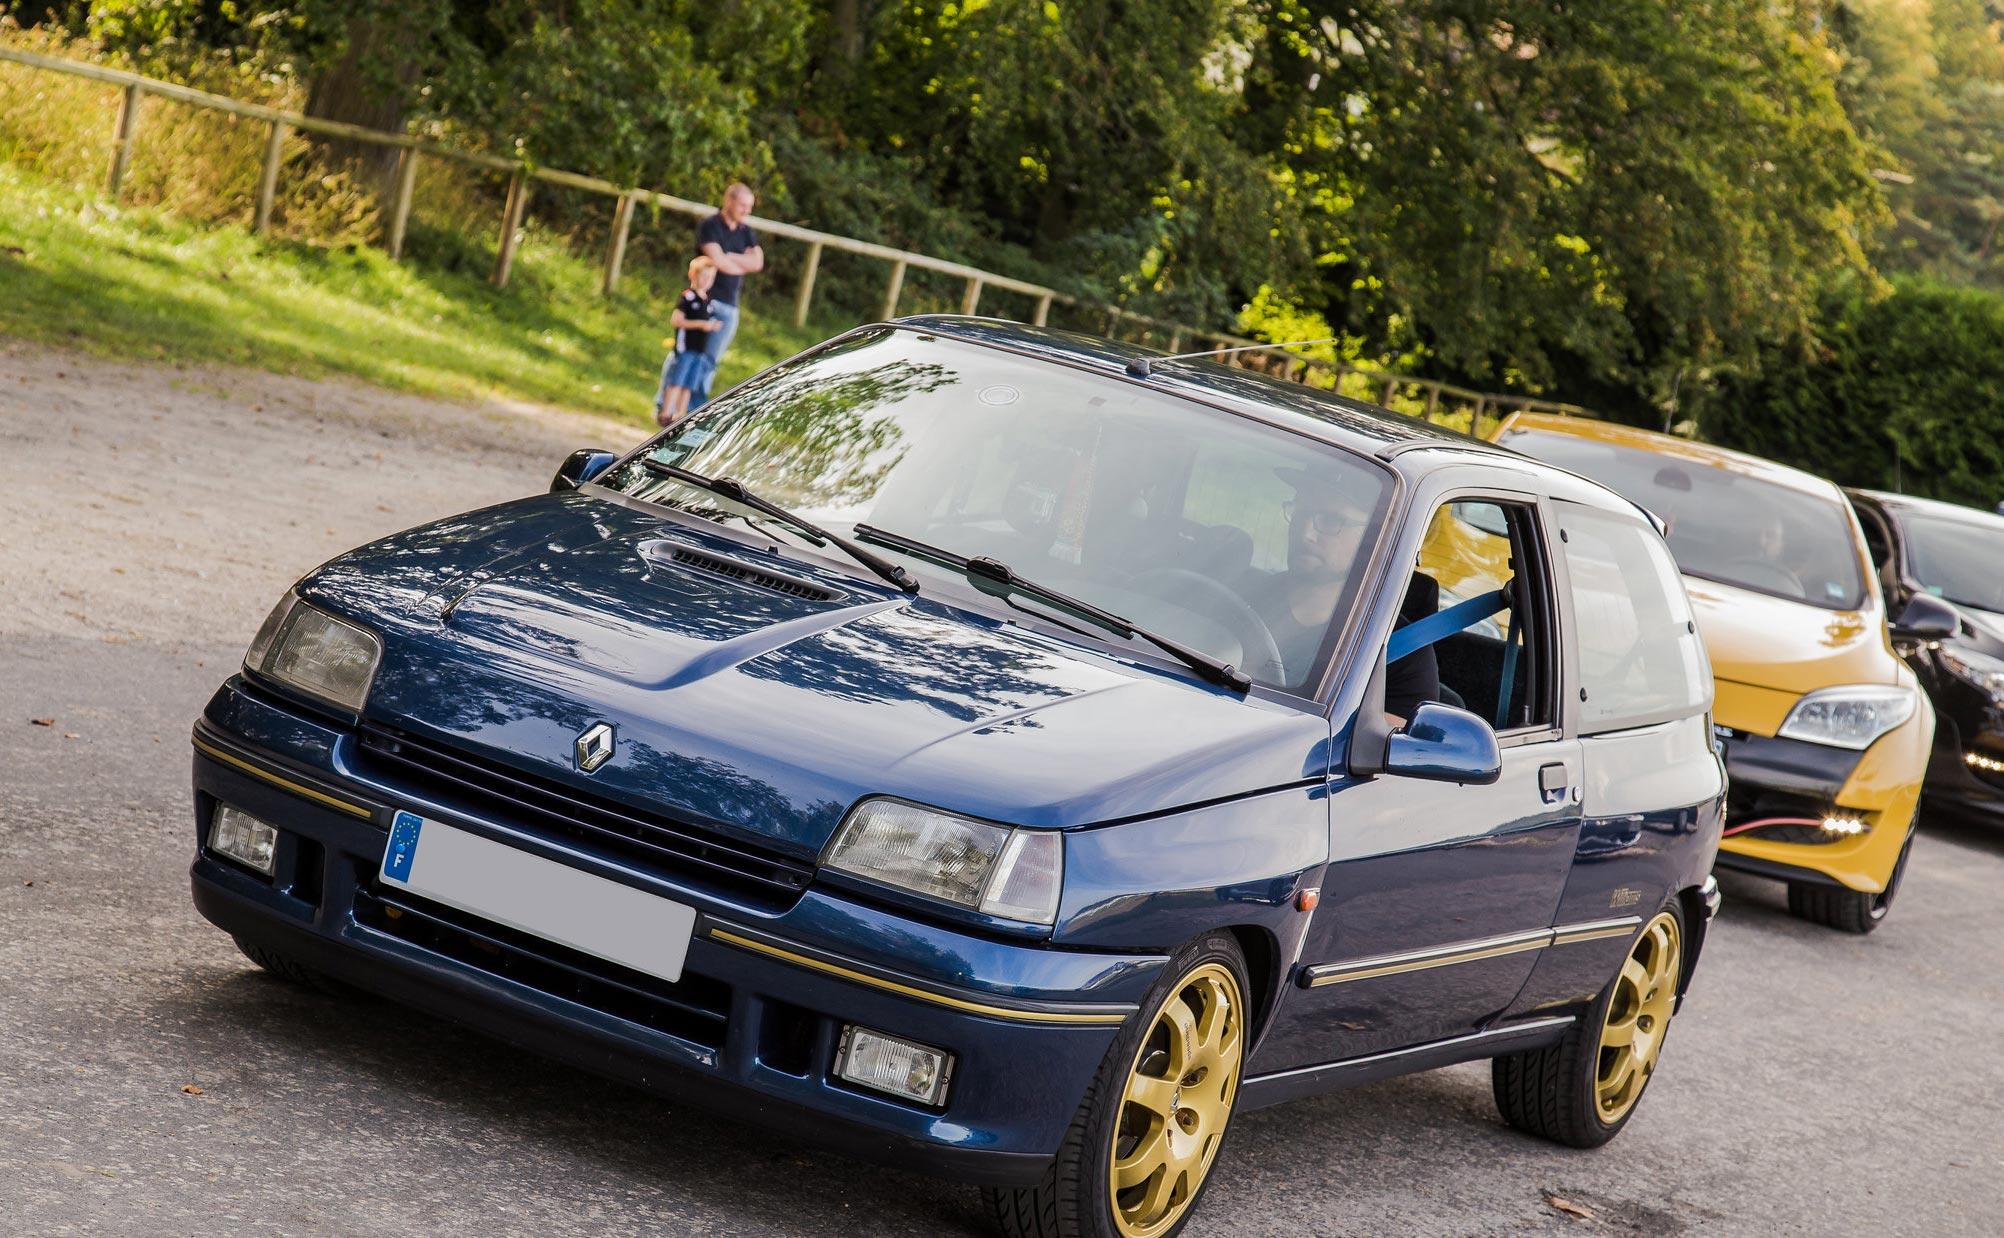 La Renault Clio 16 S : une youngtimer convaincante